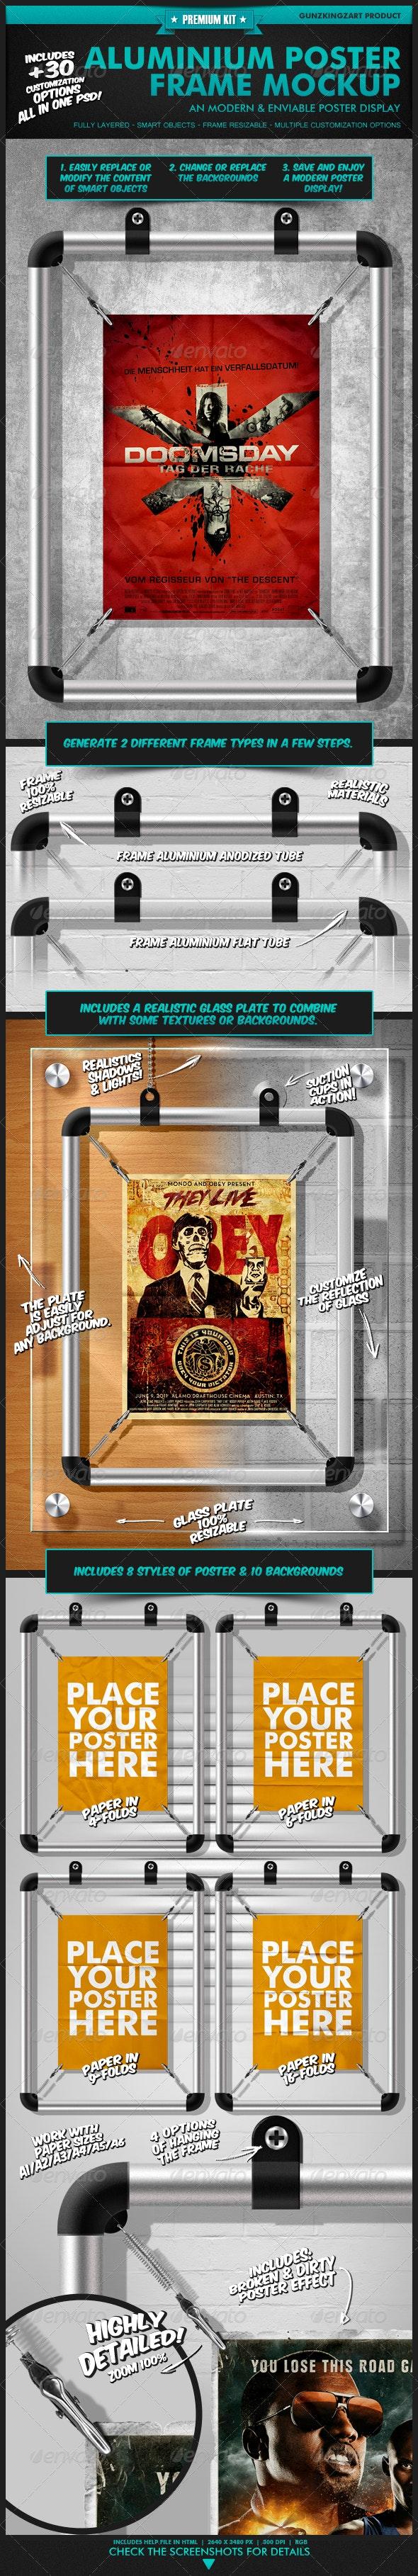 Aluminium Poster Frame Mockup - Premium Kit - Posters Print